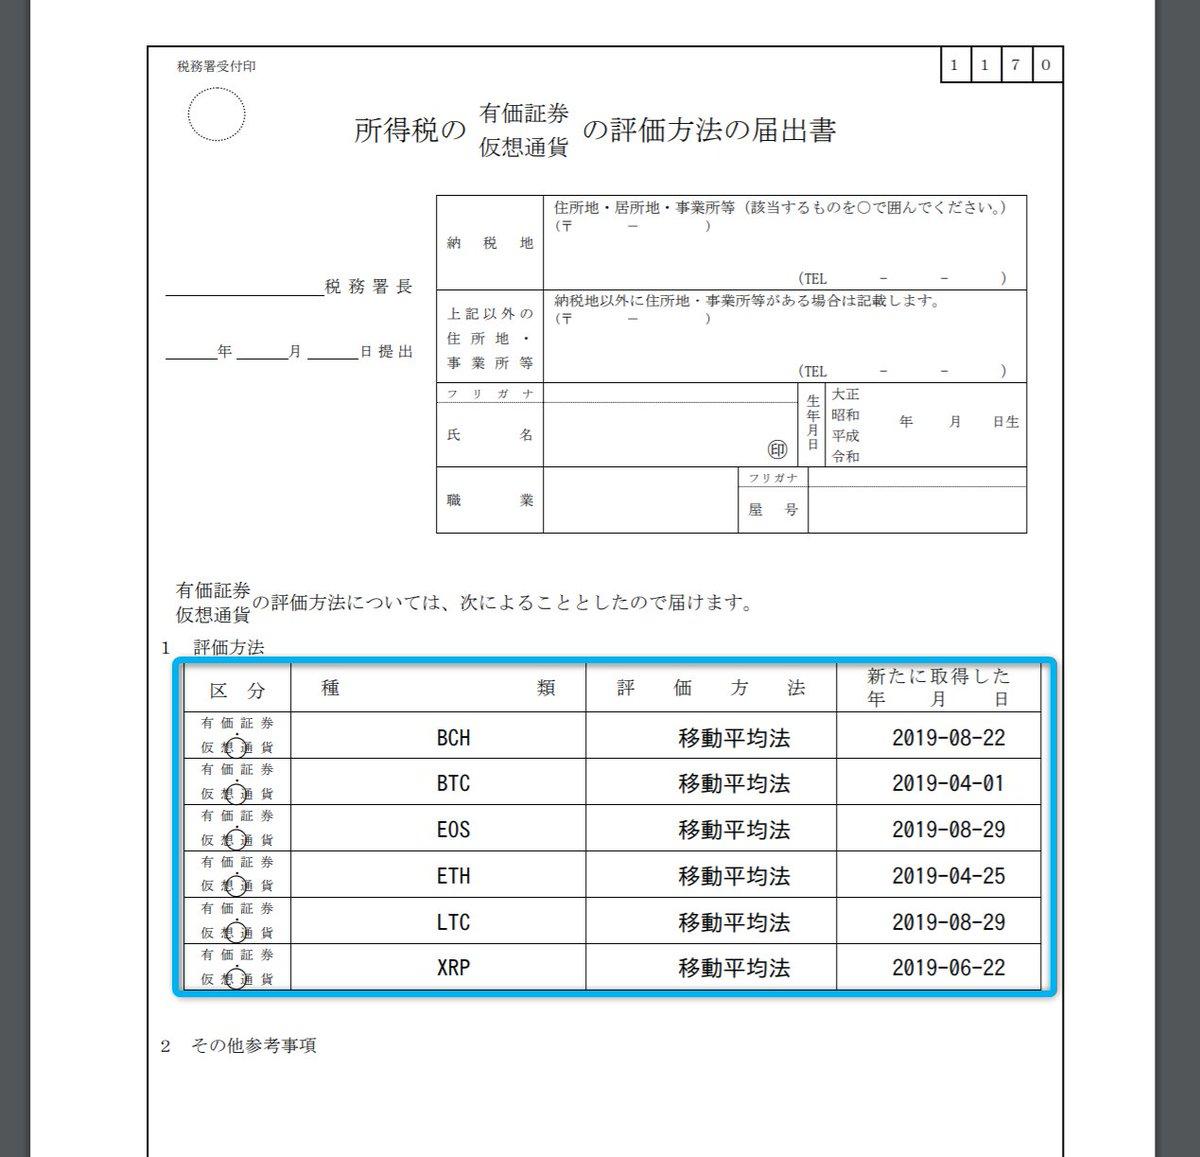 今年から仮想通貨の確定申告の際に、移動平均法・総平均法のどちらを選択したかを税務署に届出することが必要になりました。それに伴い、Gtaxに計算方法の届出書を作成できる機能を追加しました!計算終了後に、PDF形式でダウンロードすることができます。ぜひご利用ください!#確定申告 #税金